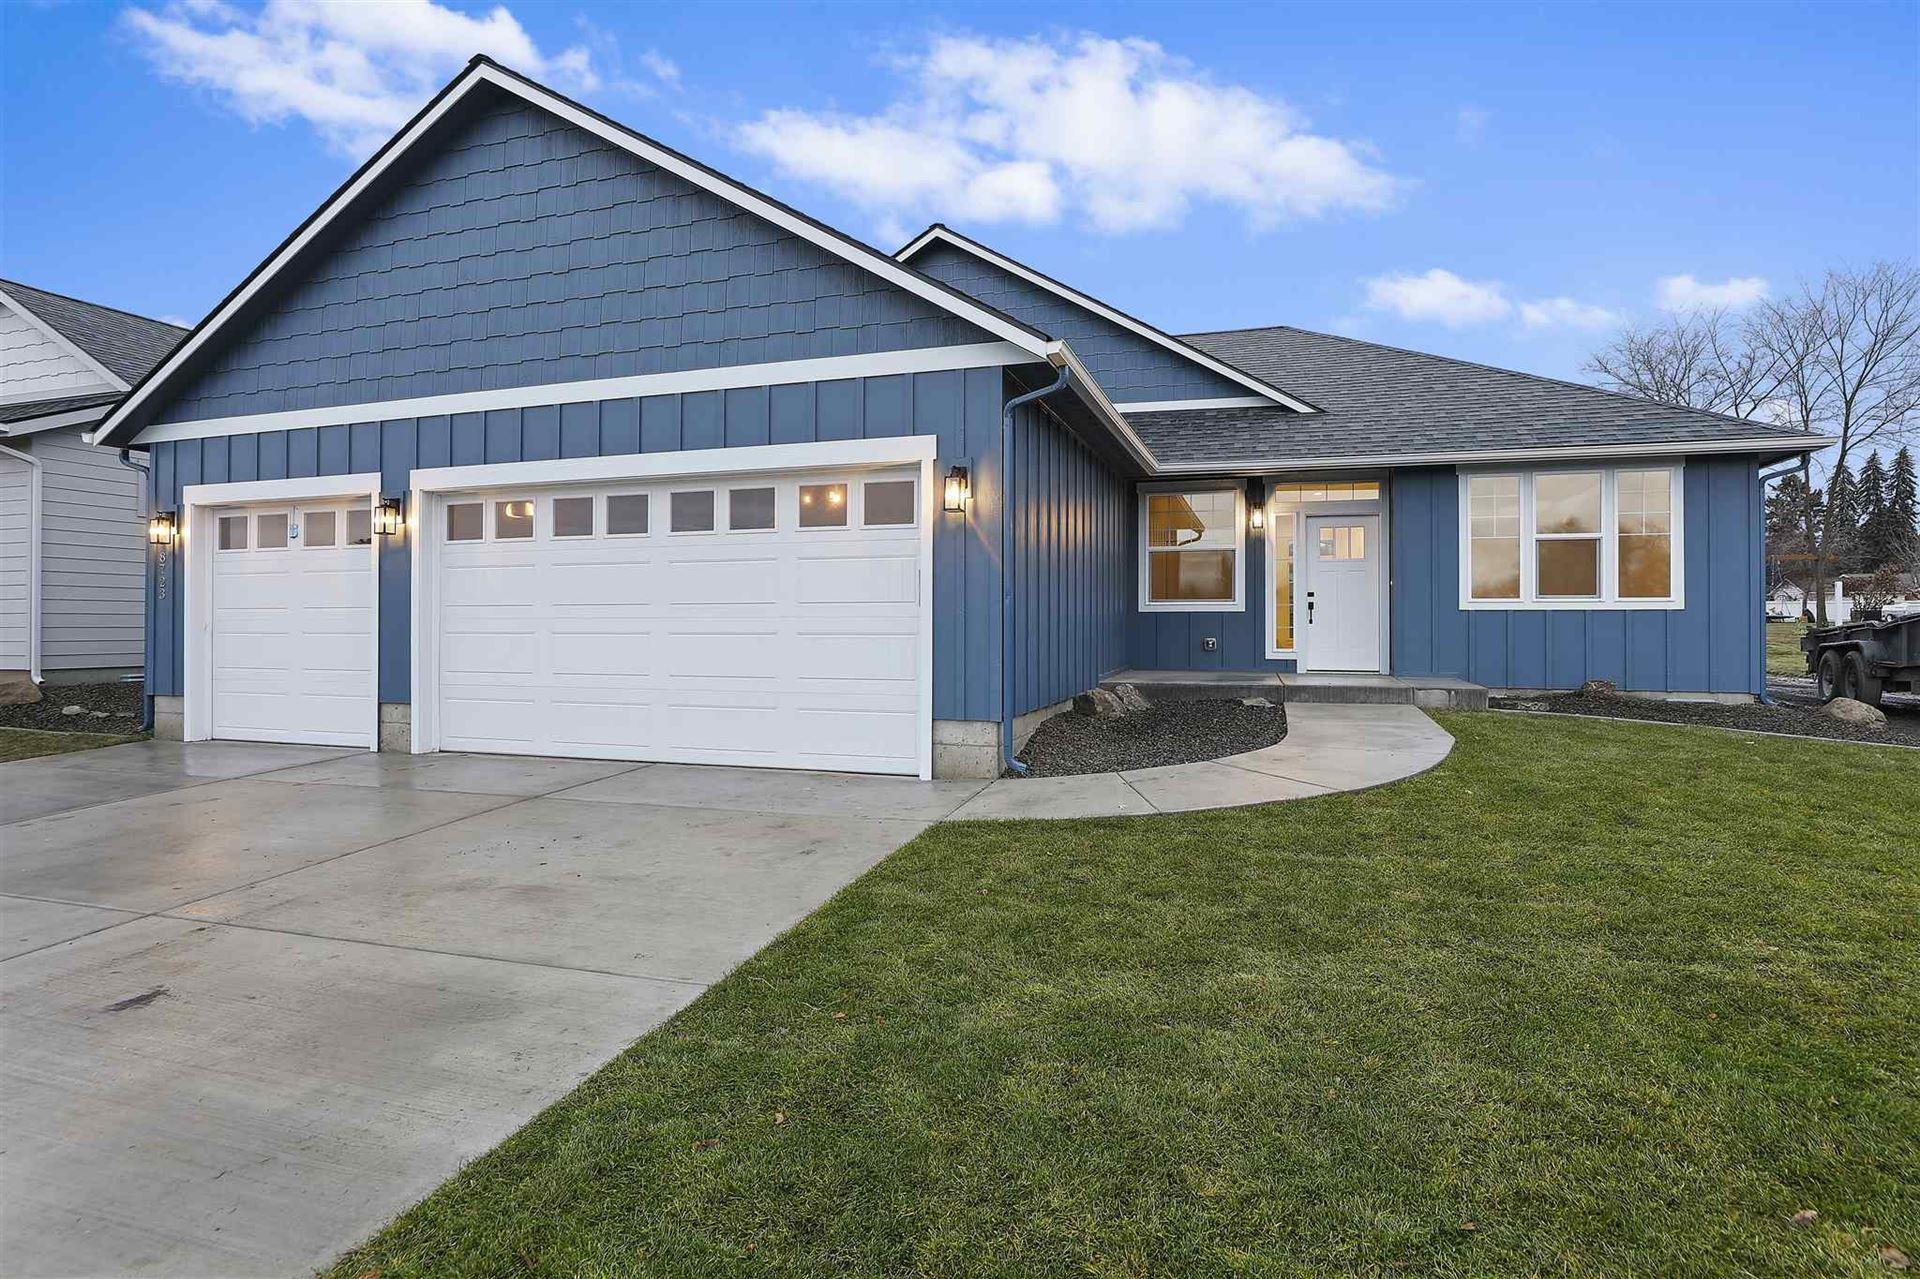 8723 E Walton Ln, Spokane, WA 99212 - #: 202026013